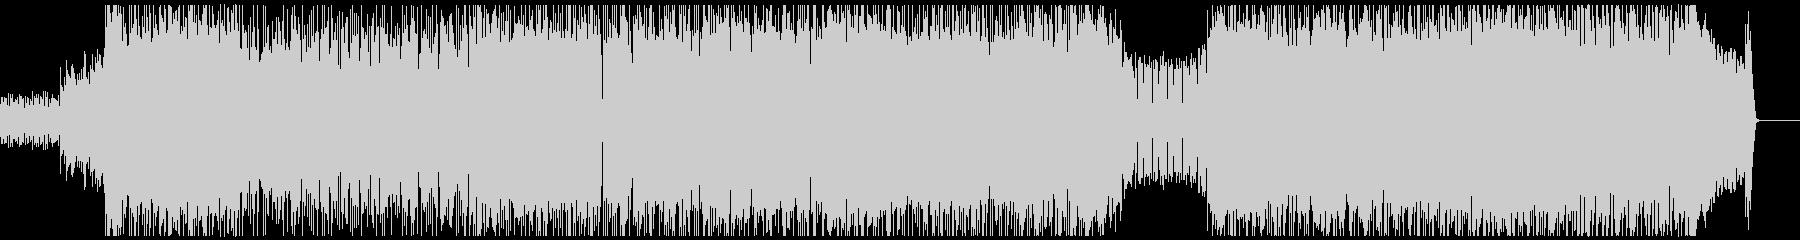 スピード感のあるポップパンク/メロコアの未再生の波形